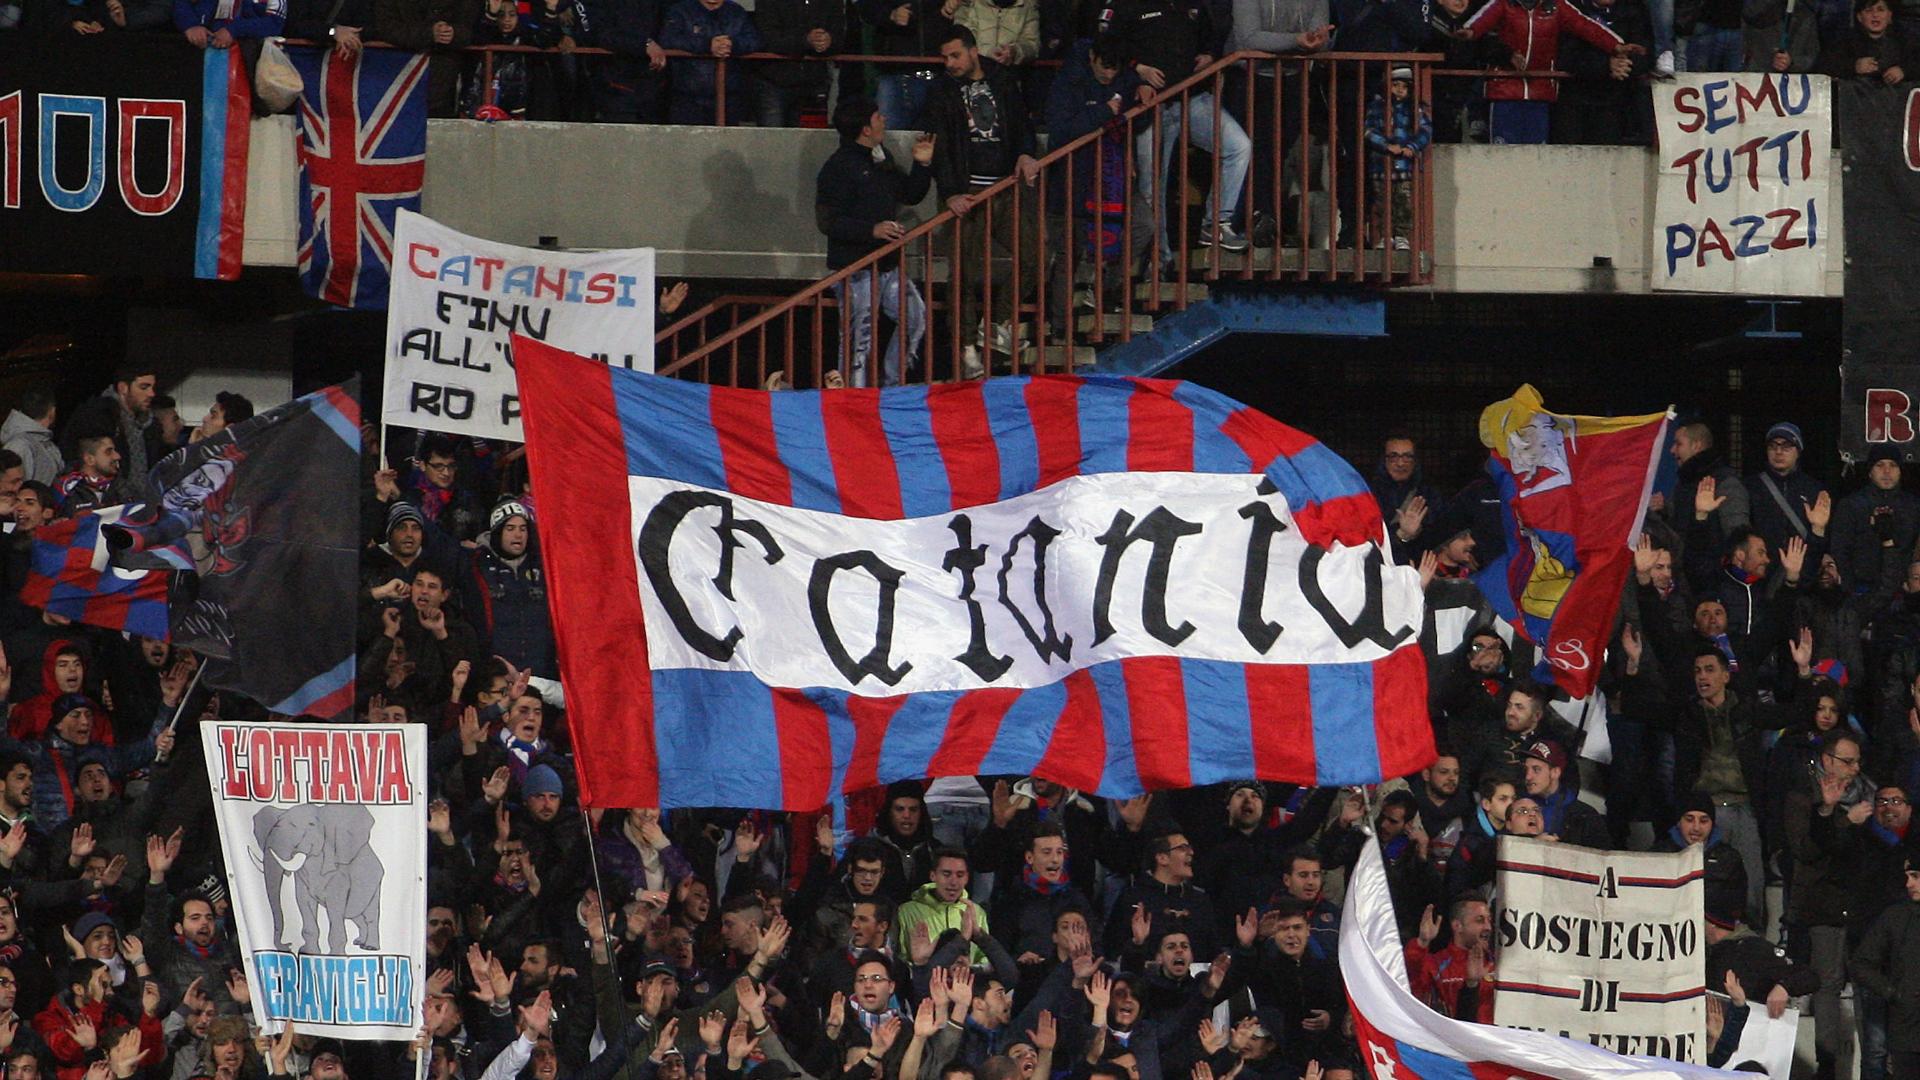 Imboscata degli ultras del Palermo: attaccati i rivali del Catania